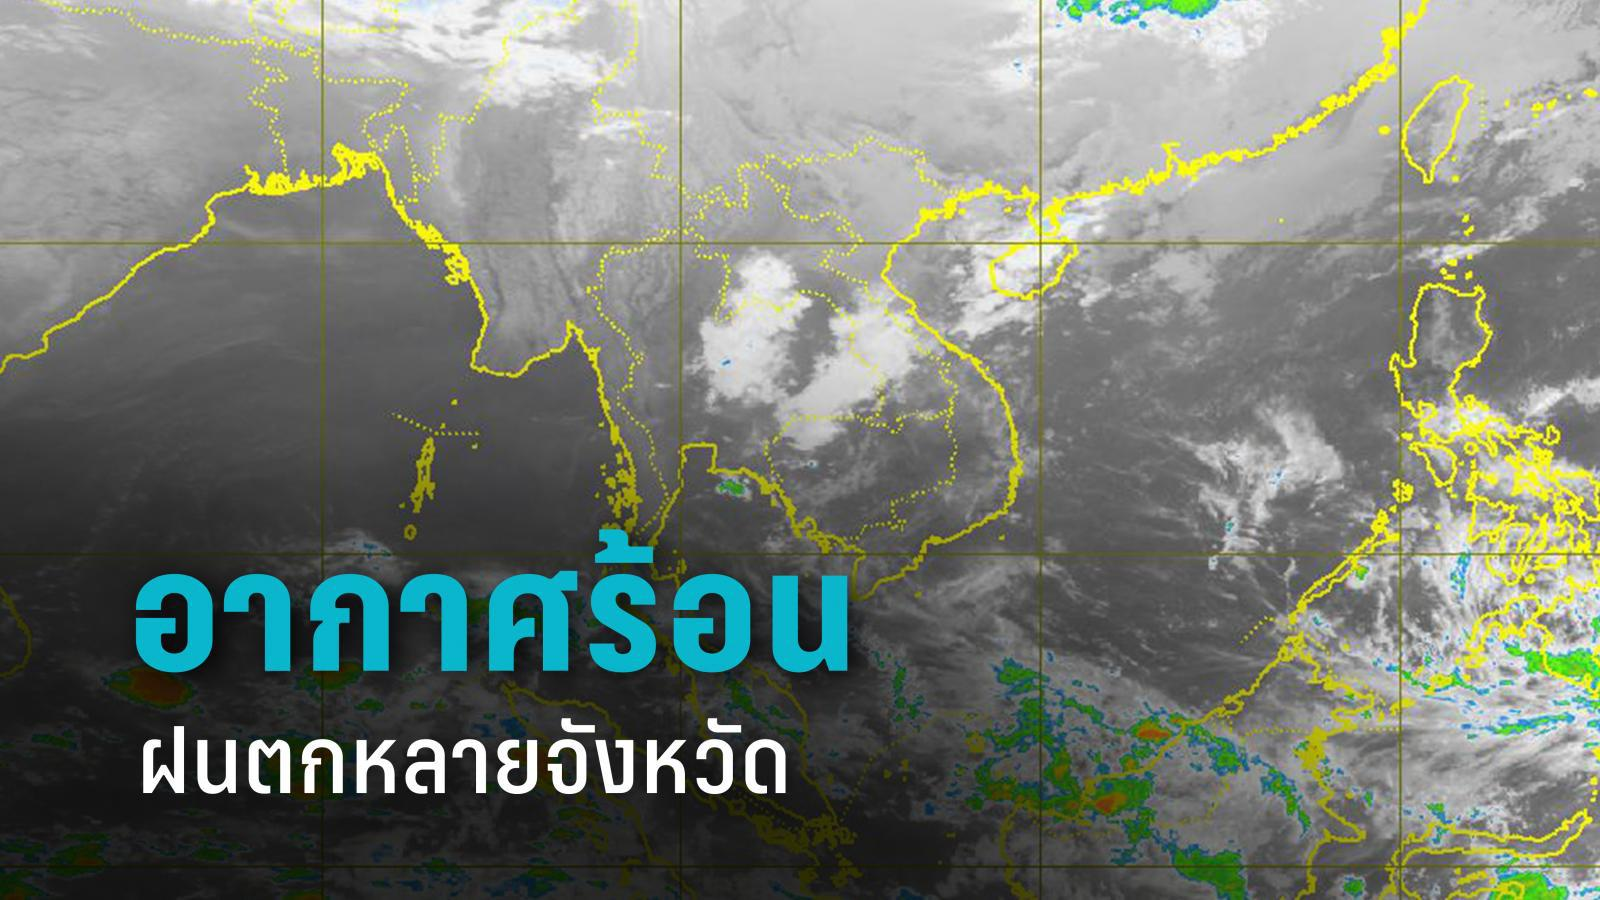 กรมอุตุฯ เตือน ทั่วไทยอากาศร้อน ฝนตก-ลมแรง กระทบ 20 จังหวัด